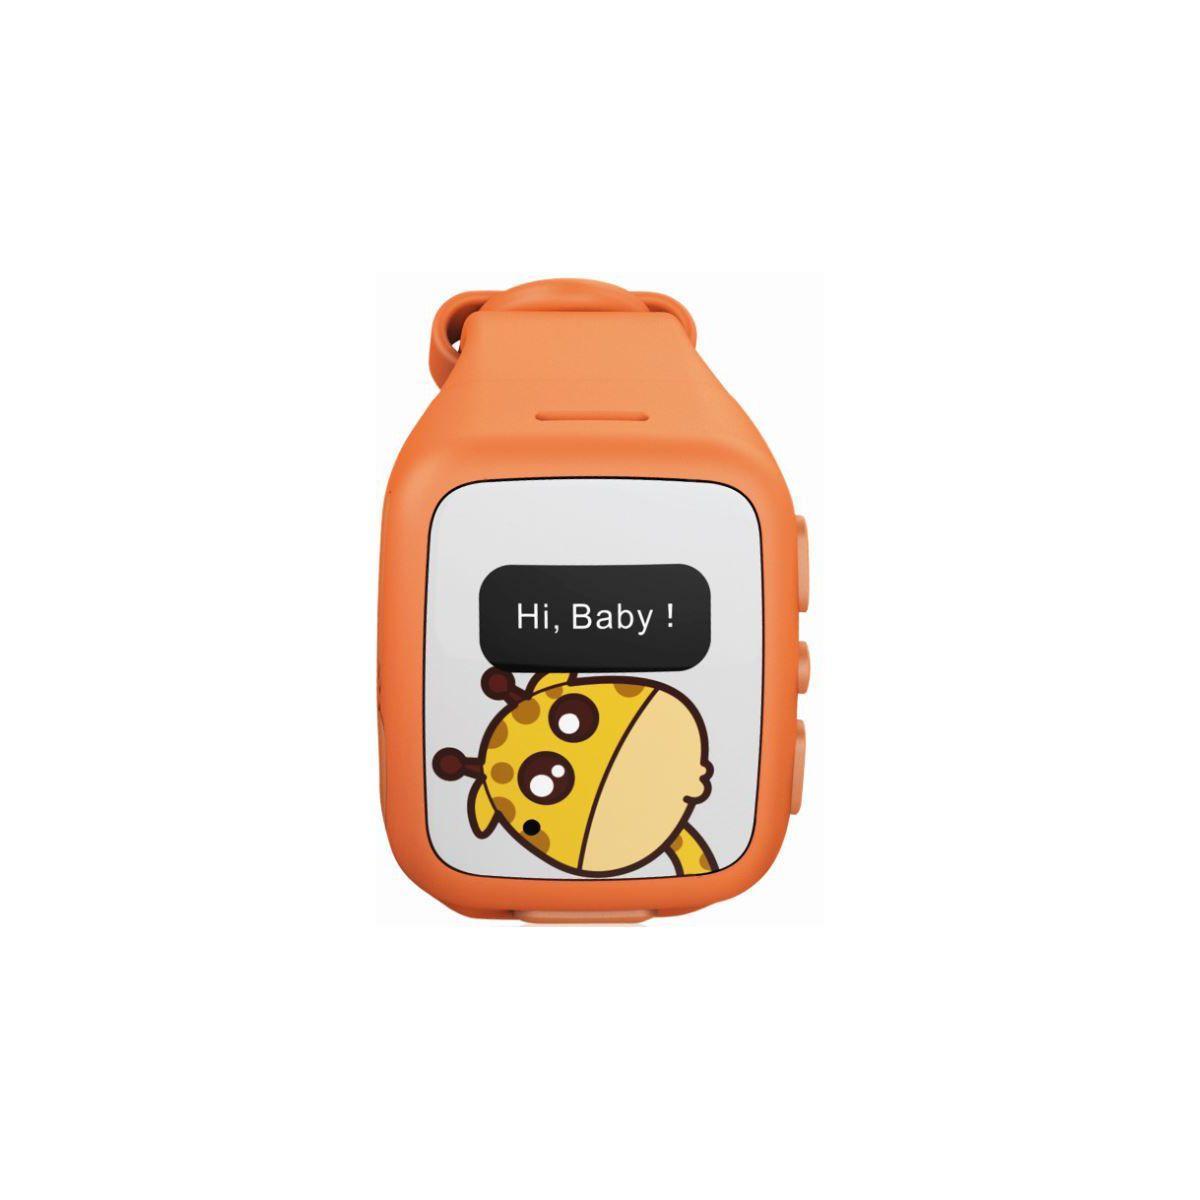 Montre ksix kidsafe orange - 2% de remise immédiate avec le code : top2 (photo)